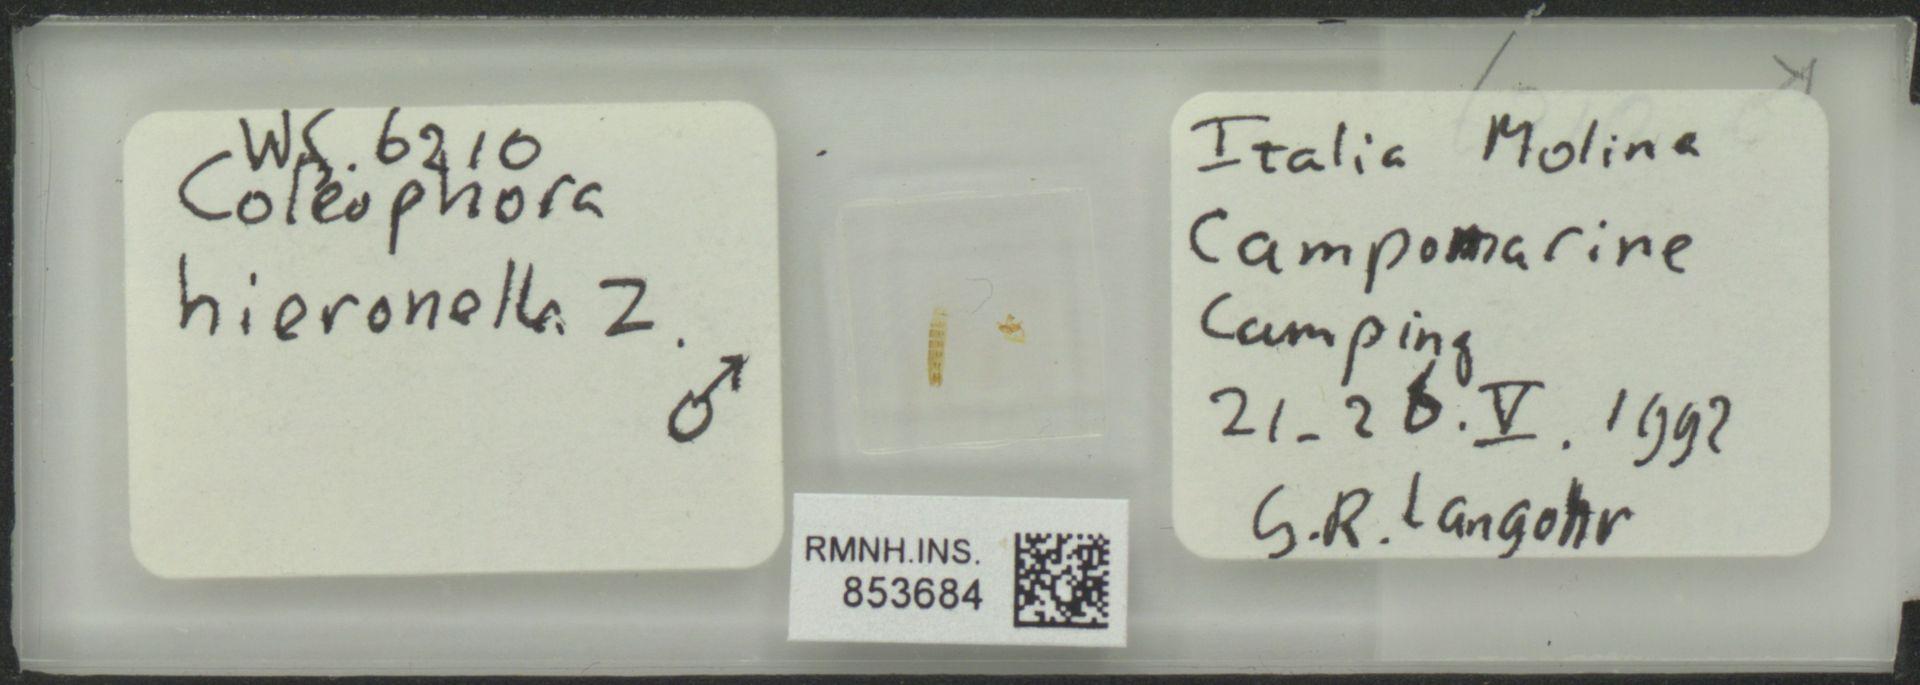 RMNH.INS.853684 | Coleophora hieronella Z